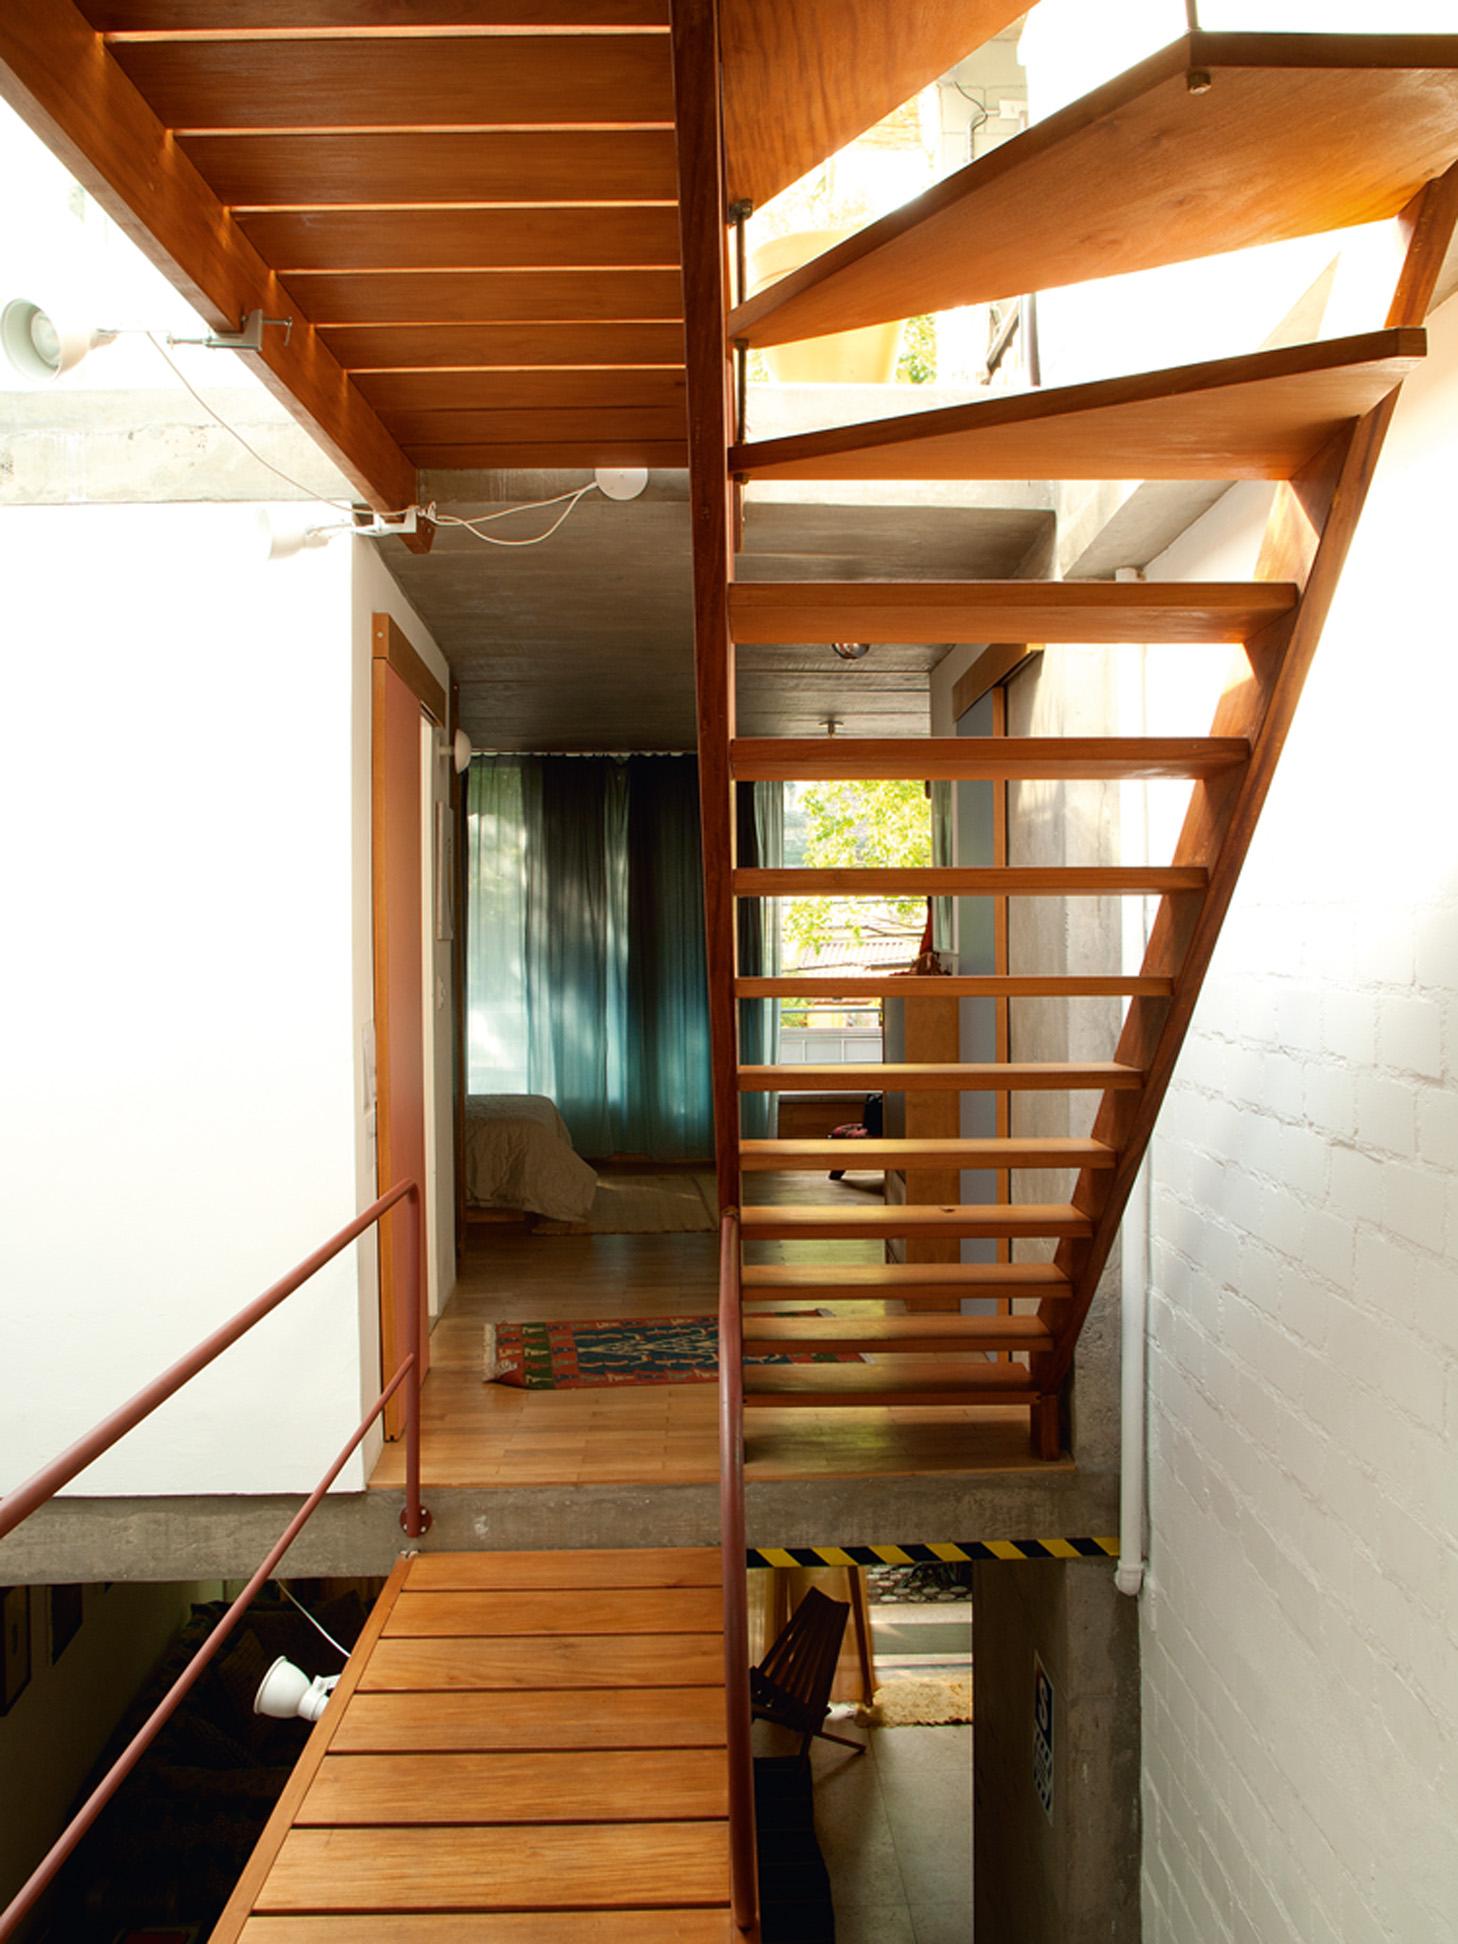 De passagem - A escada, projetada por Marco Donini e com corrimão de Douglas de Camargo, é o ponto central da casa e liga os três andares com personalidade